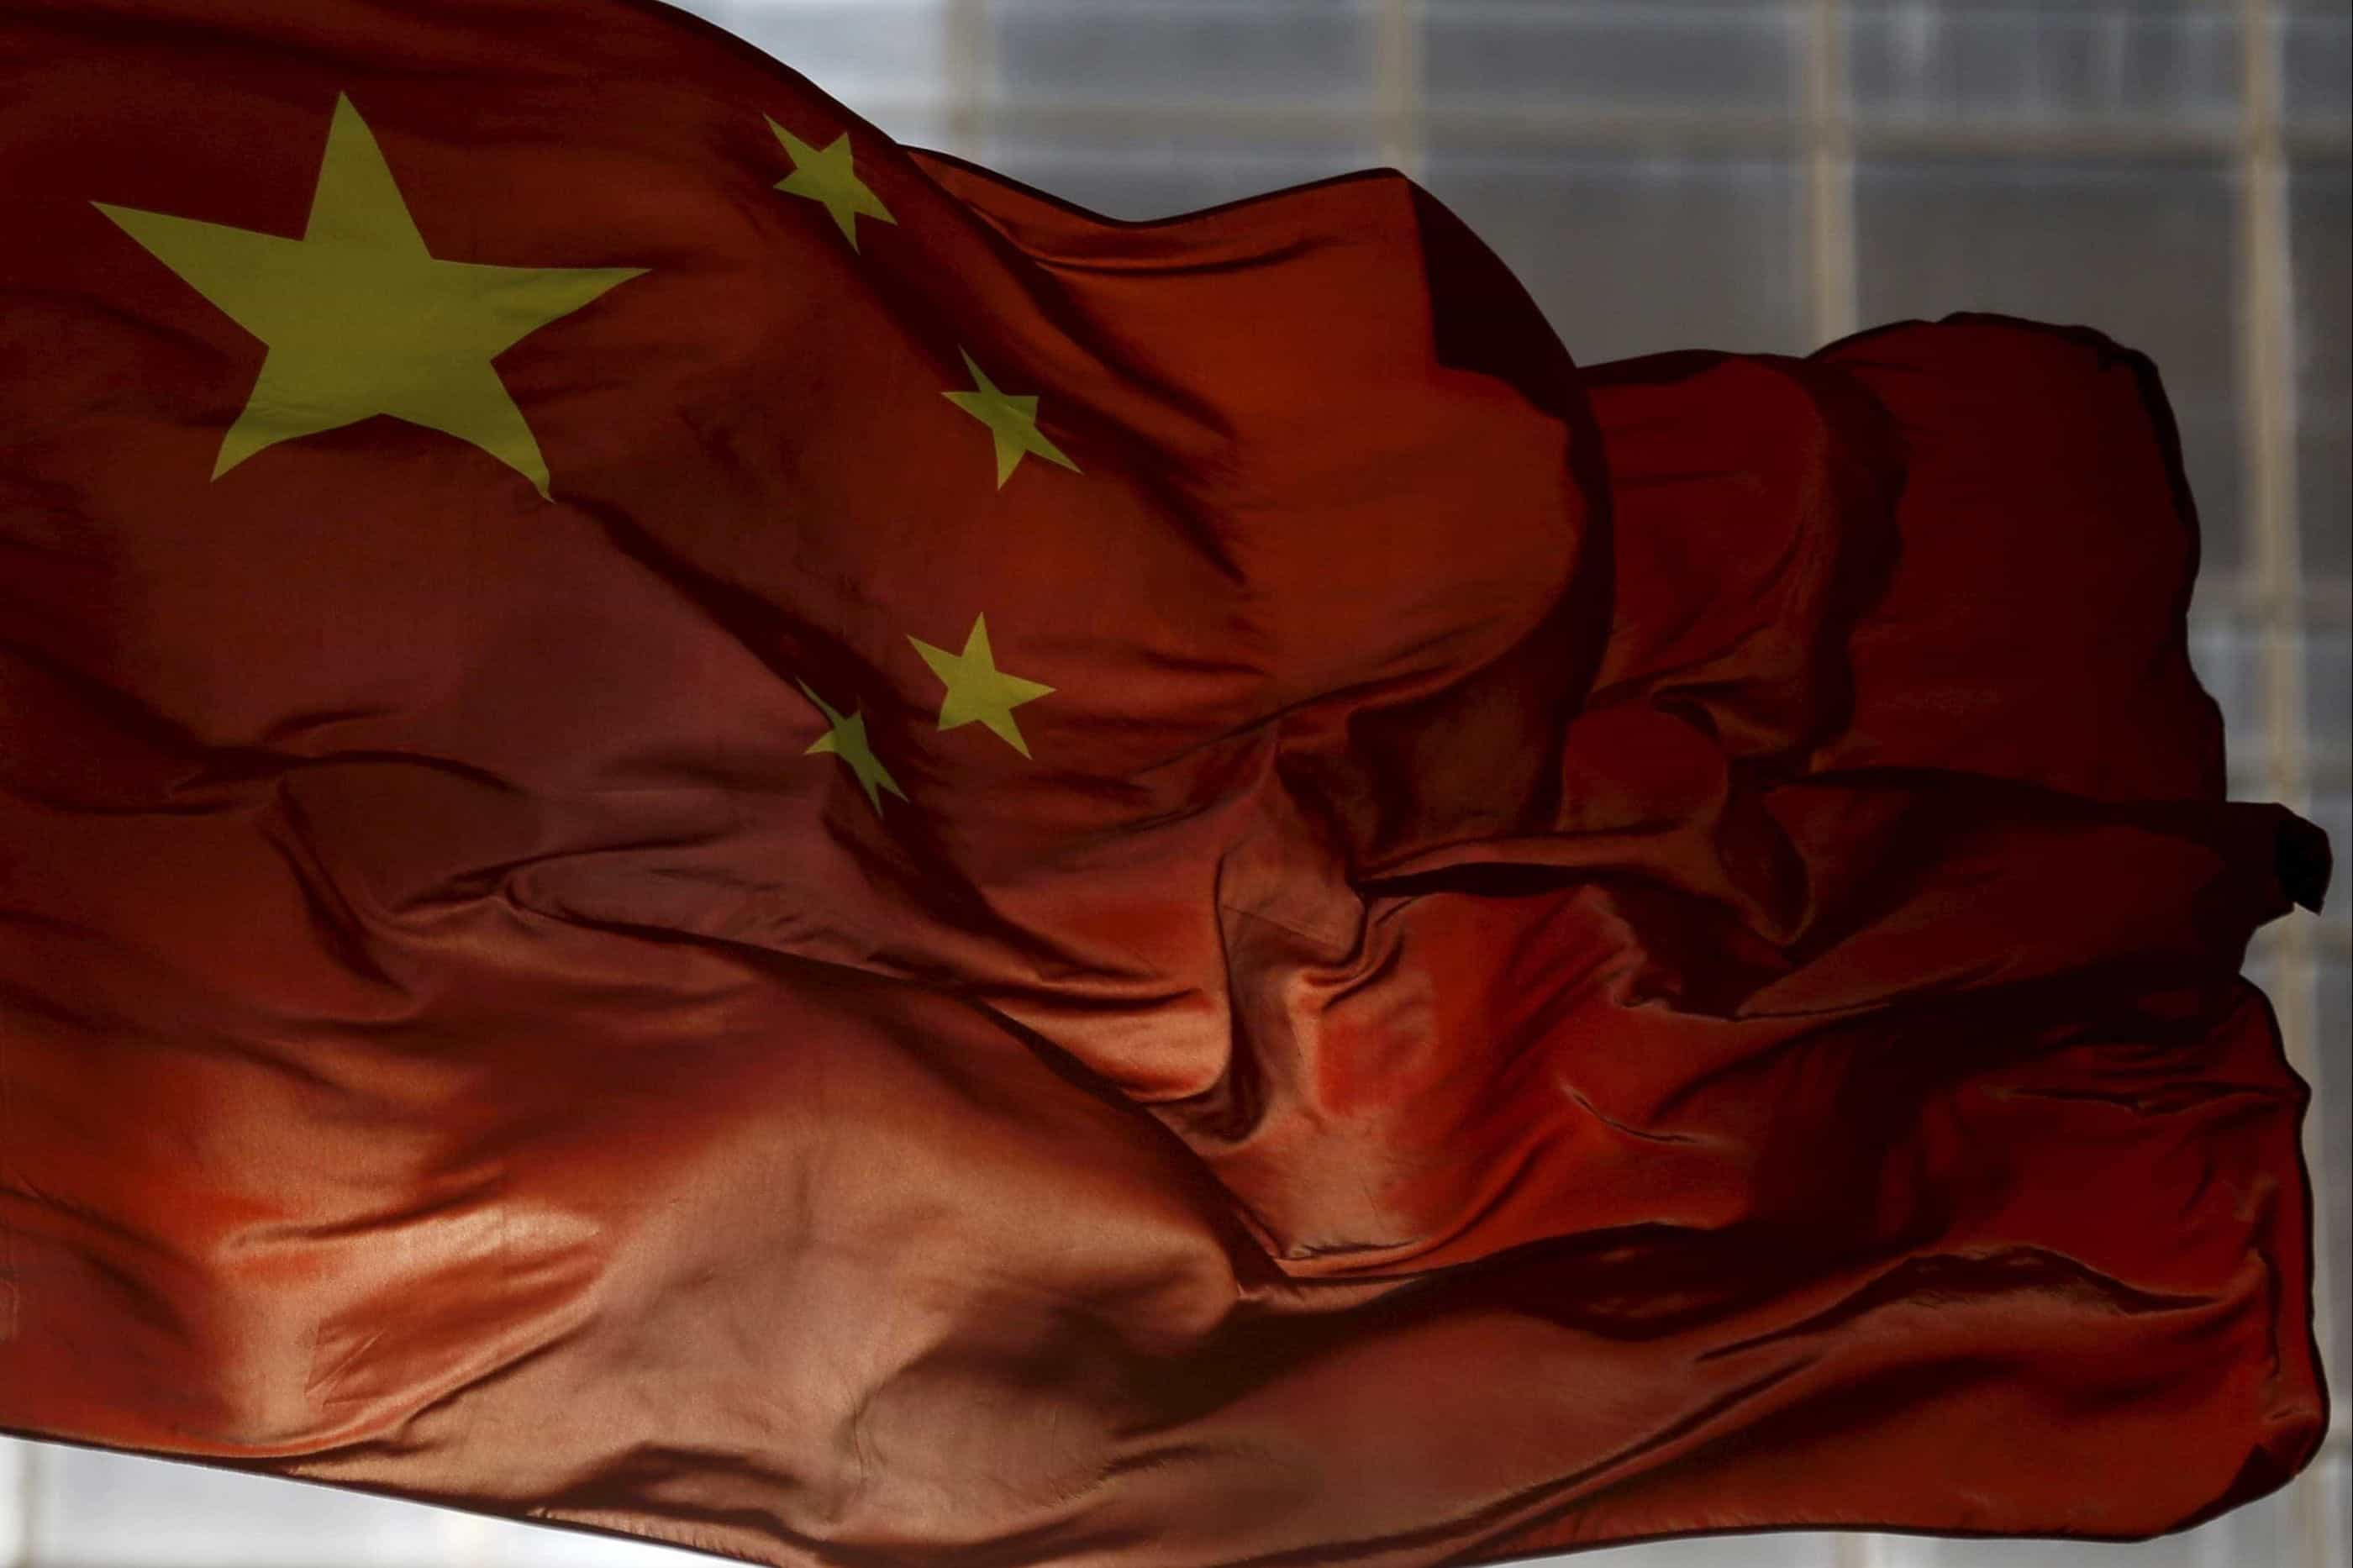 China deverá importar 40 biliões de dólares em bens e serviços até 2033